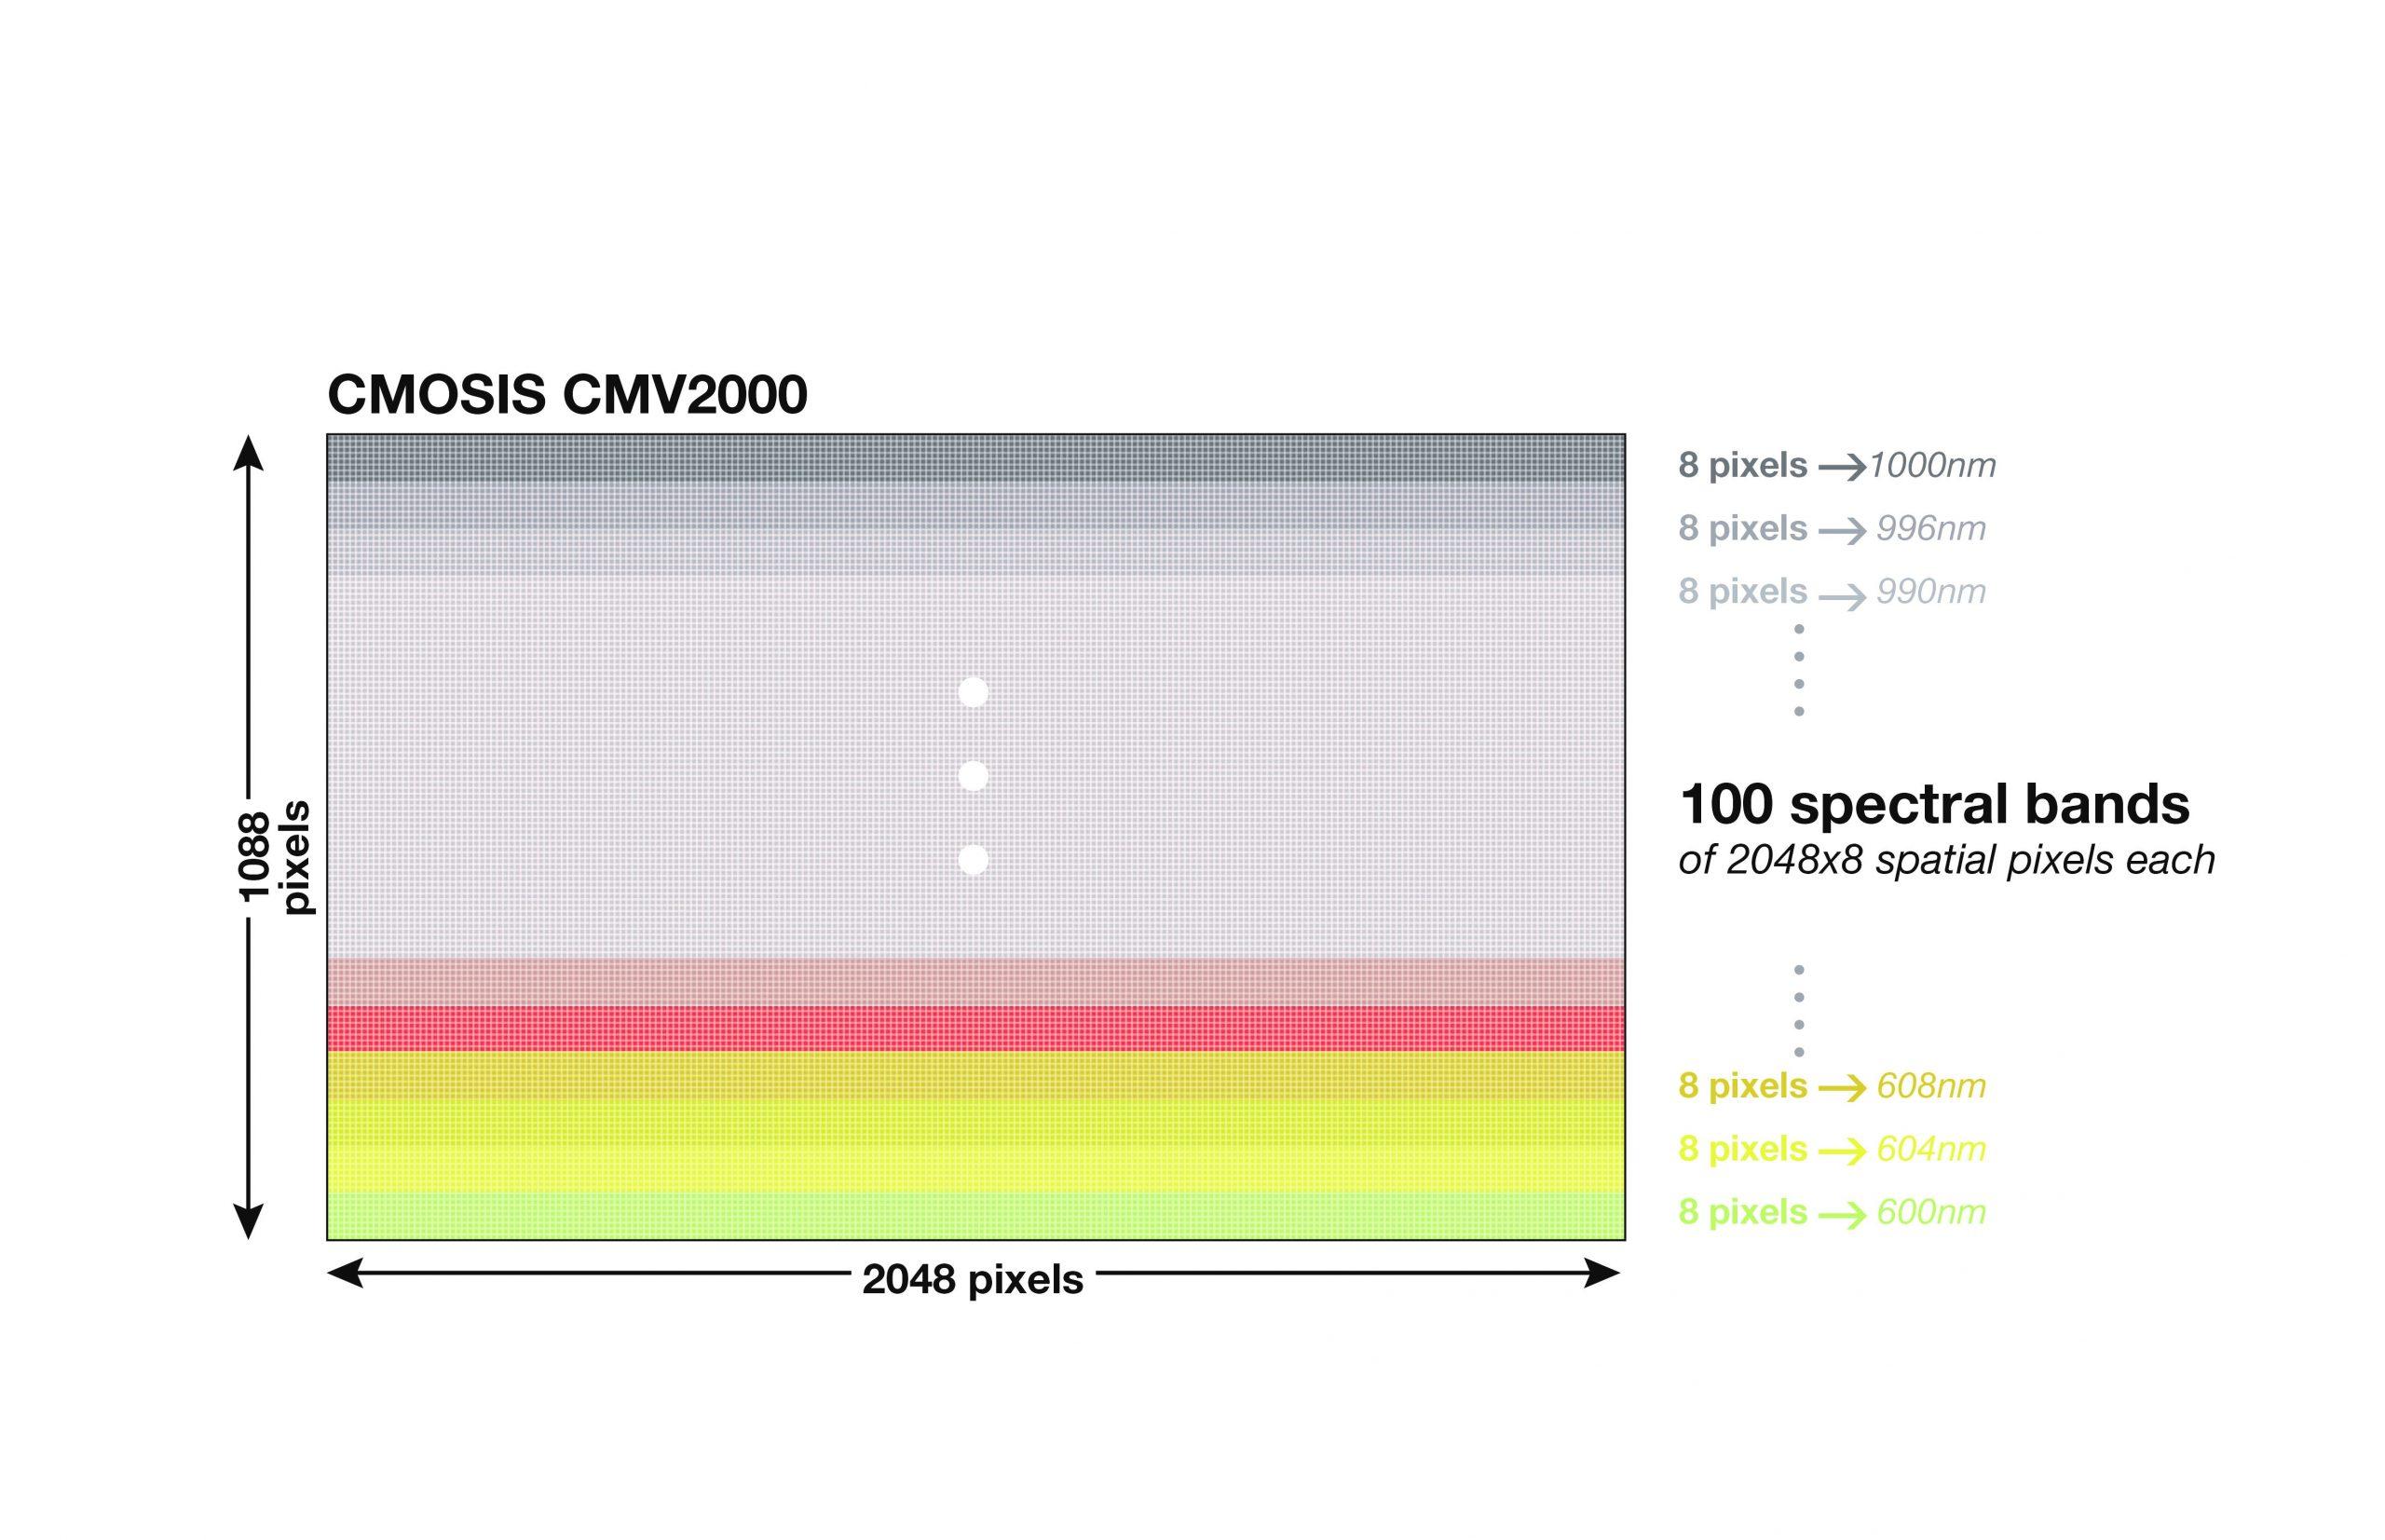 Spektralb-nder